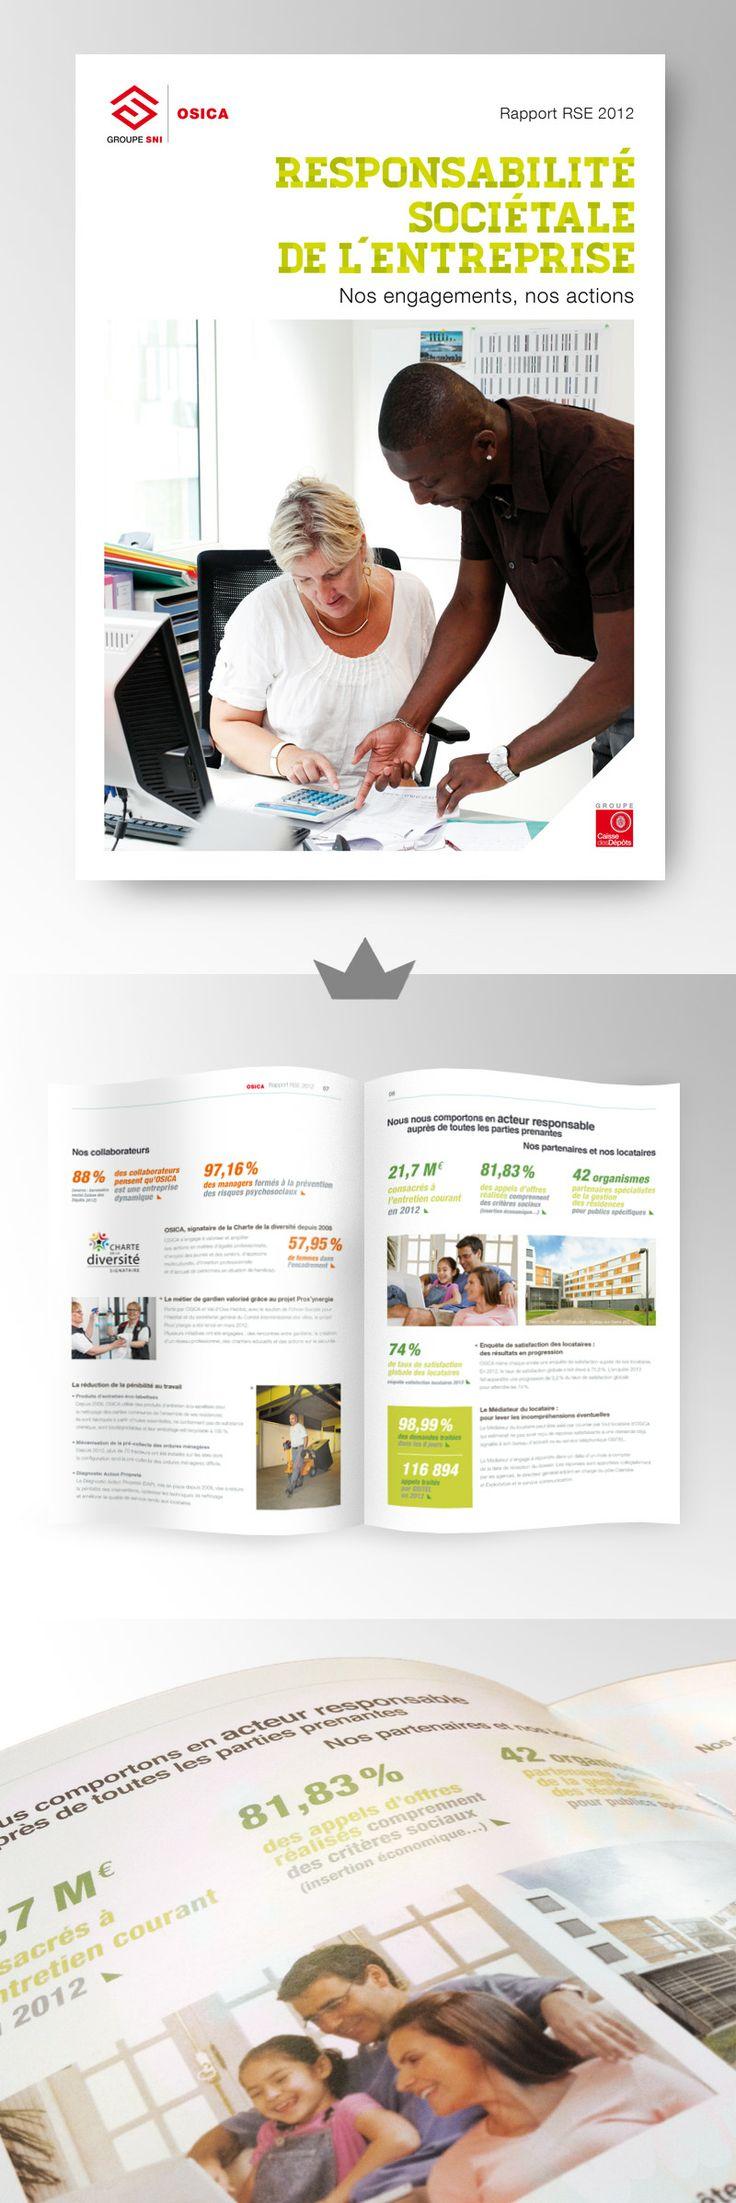 OSICA - Rapport RSE 2012 (Responsabilité Sociétale de l'Entreprise)